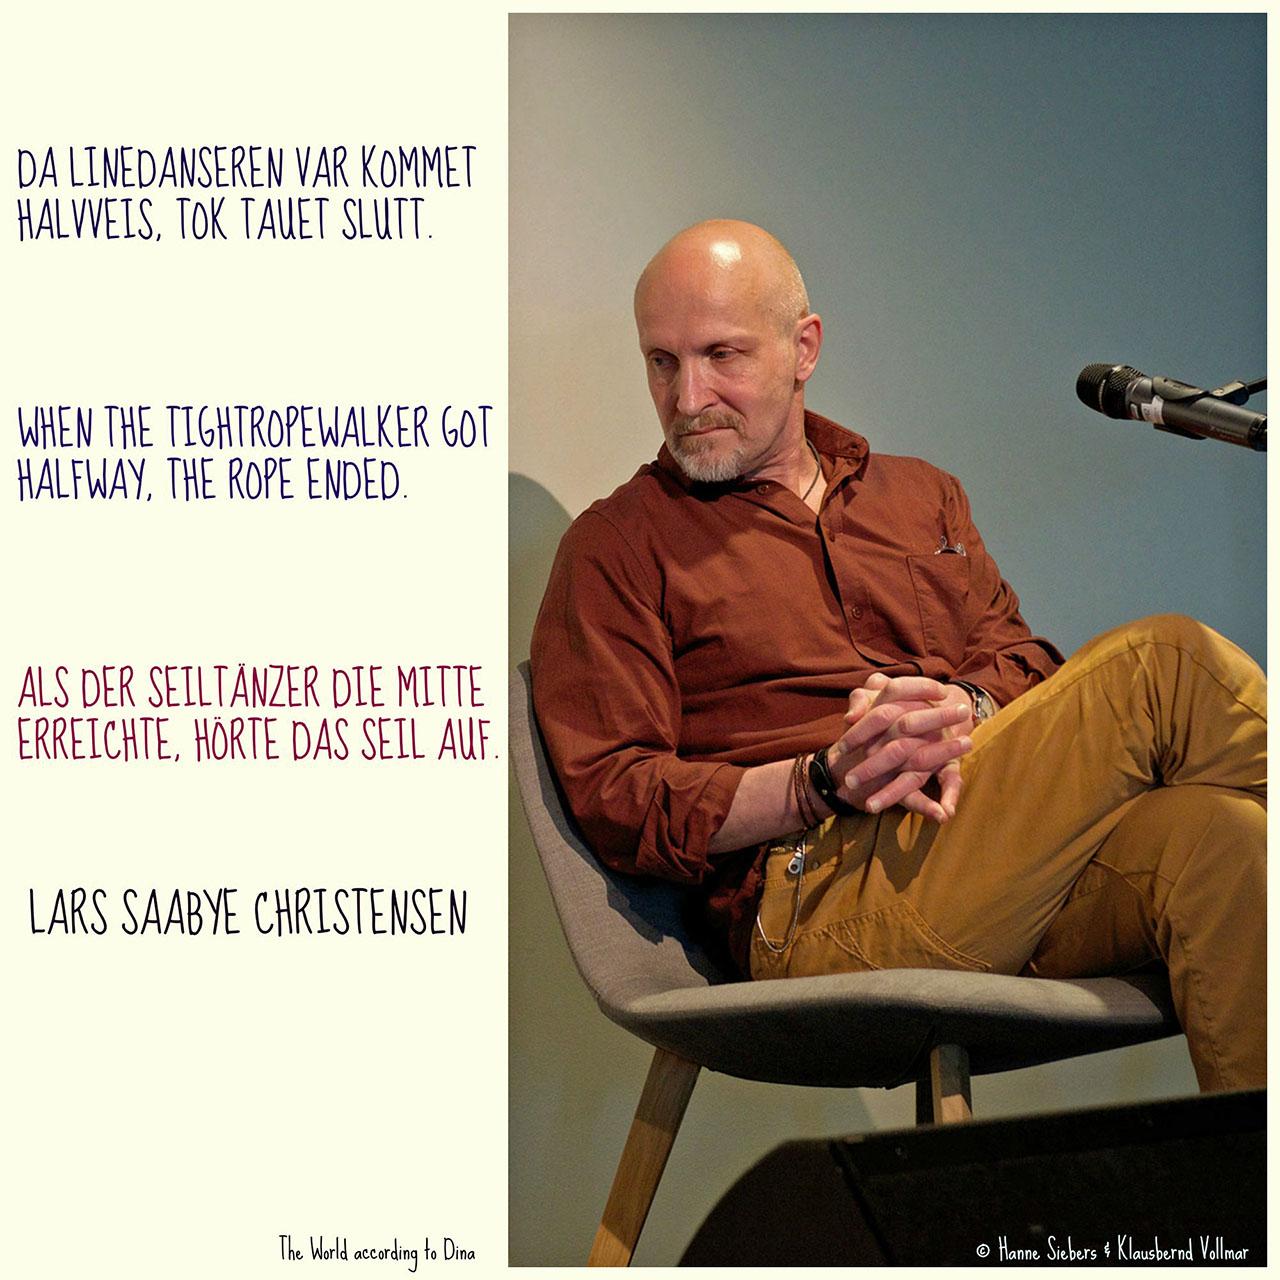 Hanne Siebers_LSC_Linedanseren3_klein